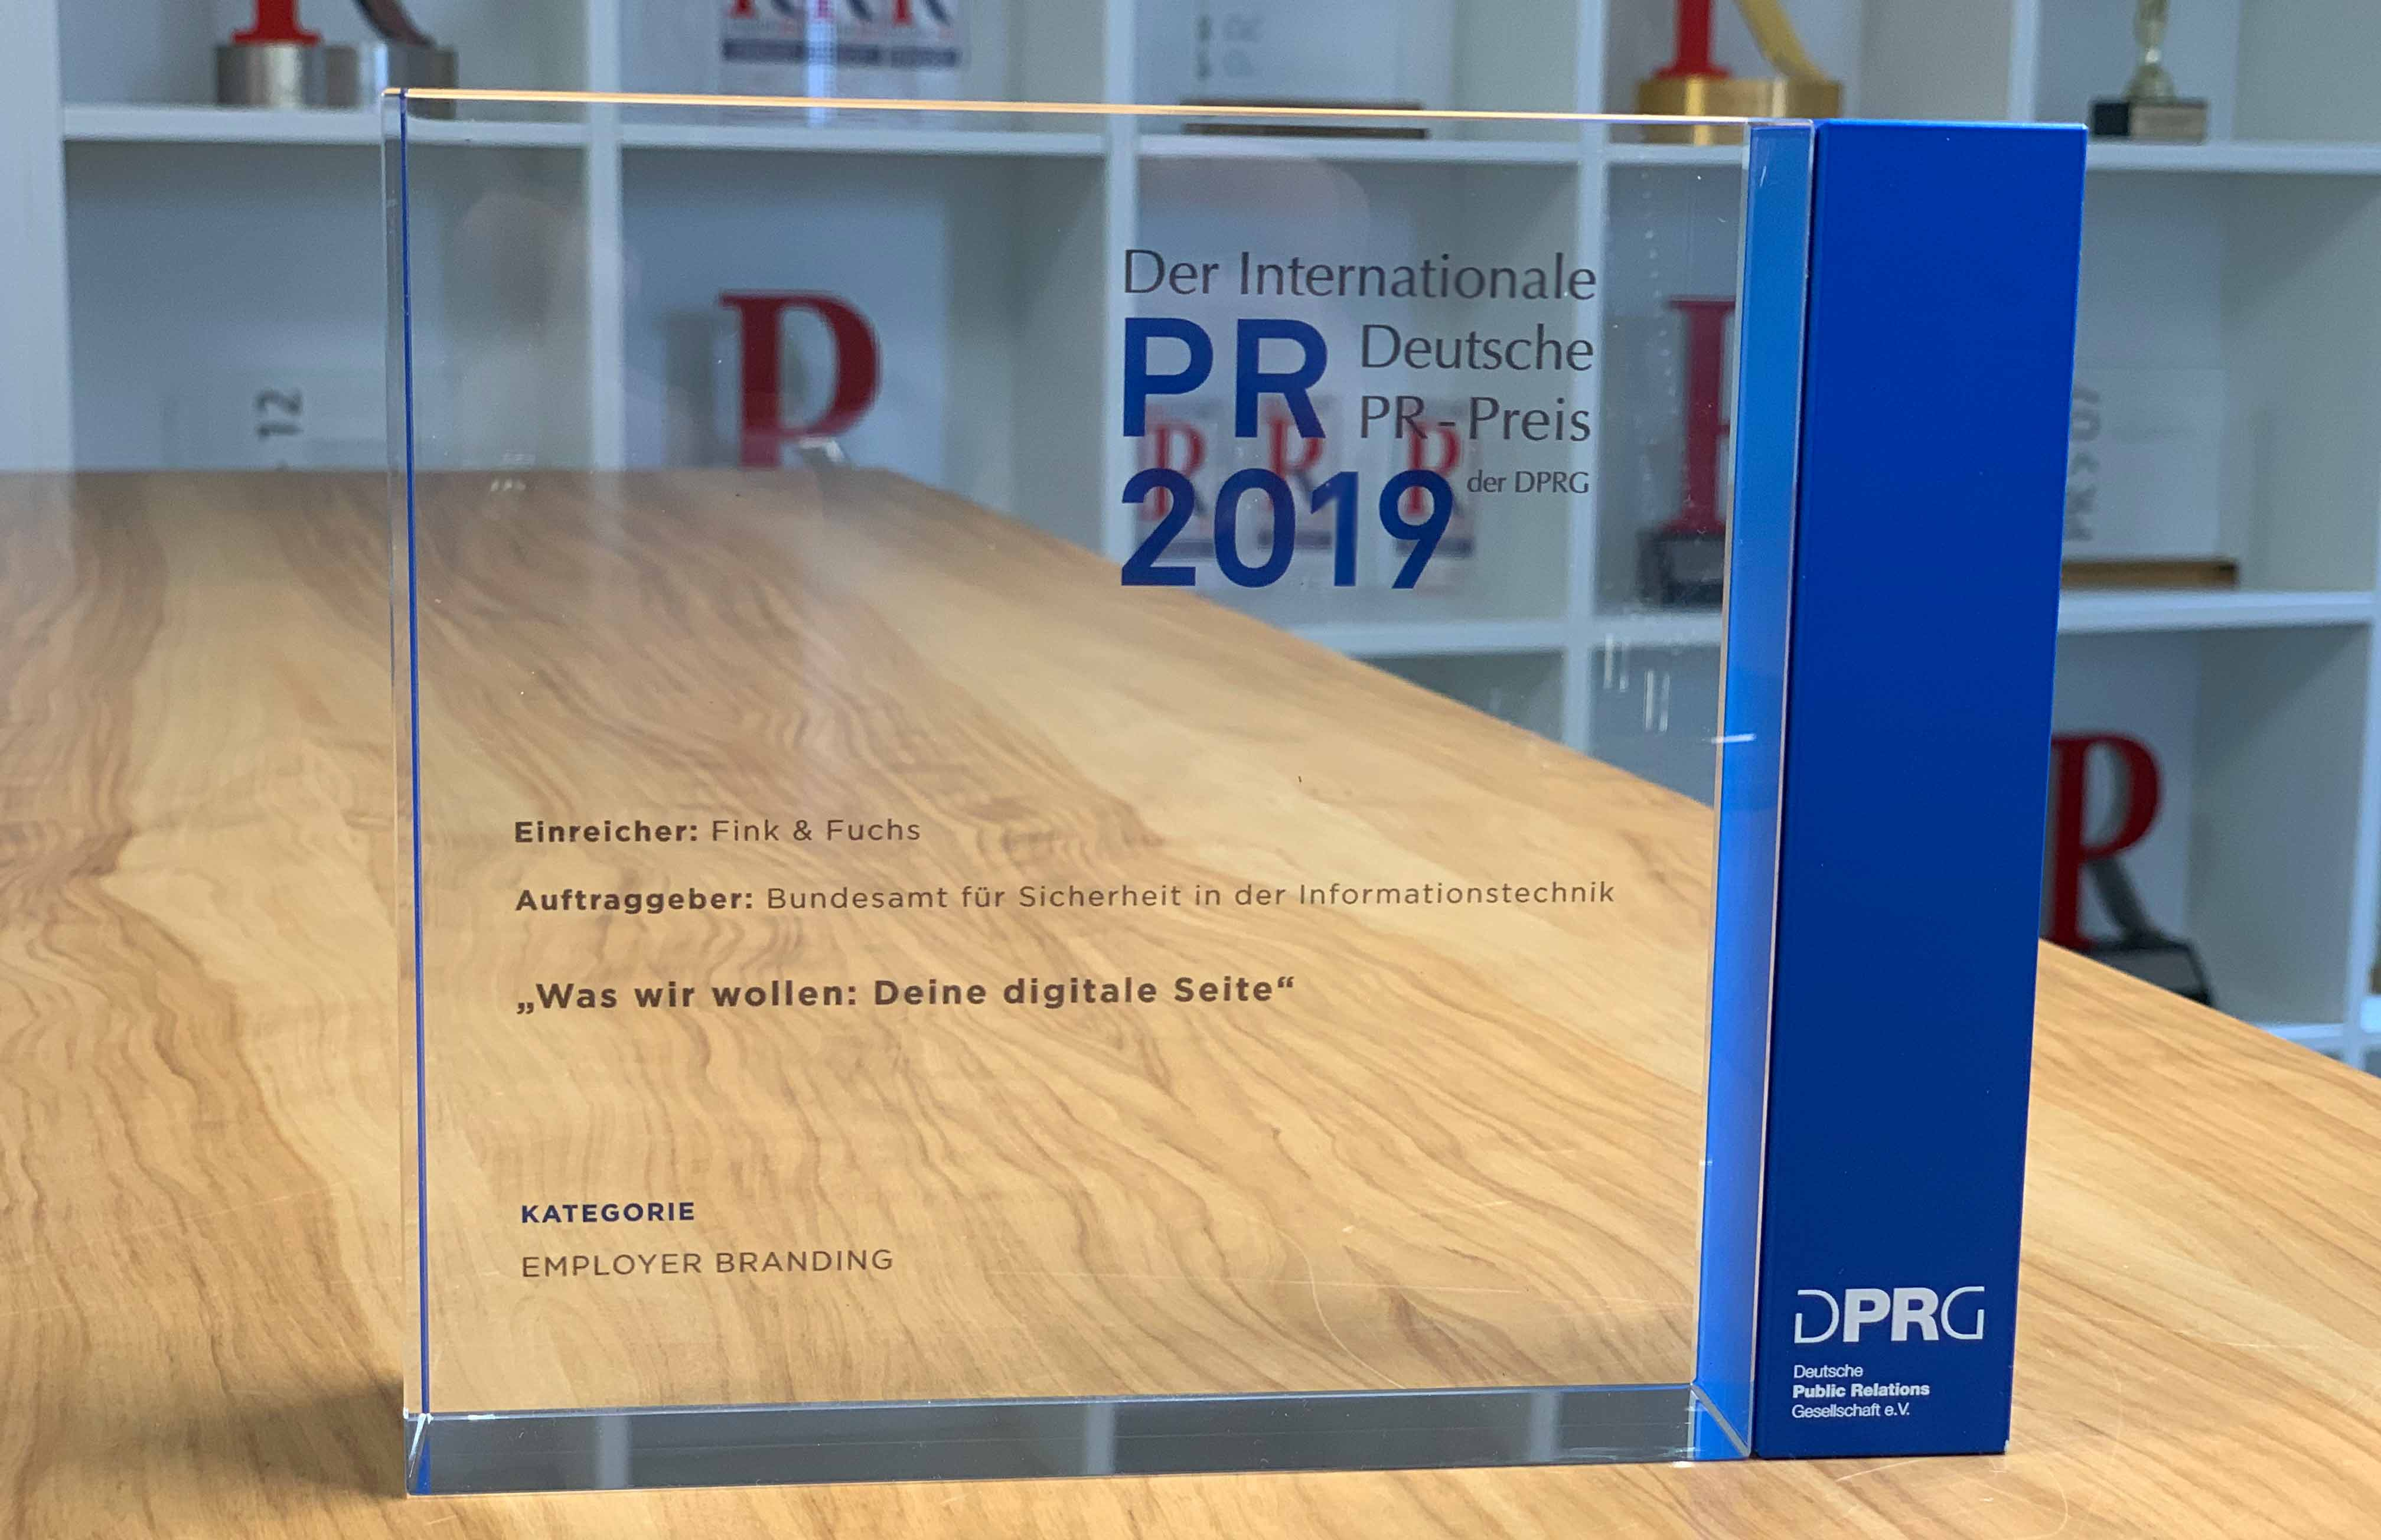 Employer Branding Deutscher PR Preis Fink & Fuchs